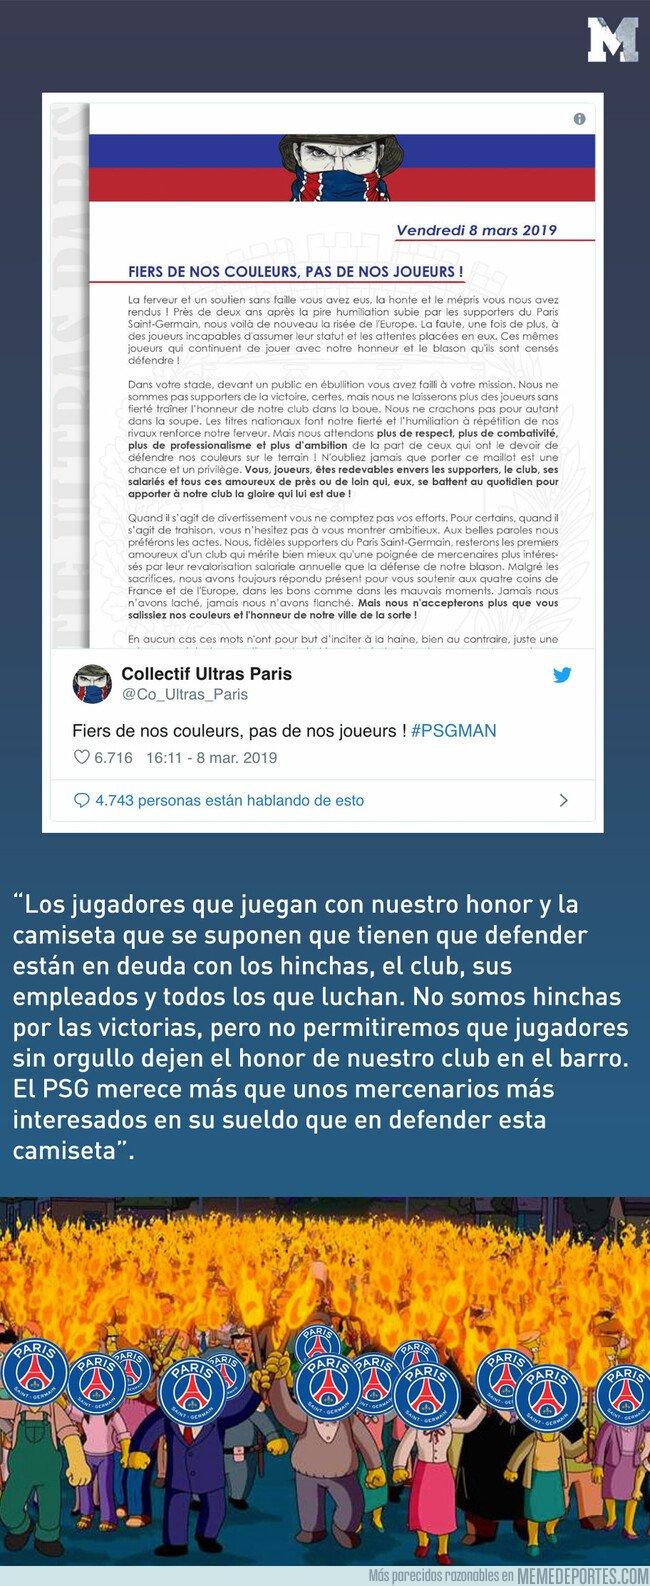 1067783 - El comunicado de los ultras del PSG a los futbolistas tras la eliminación: